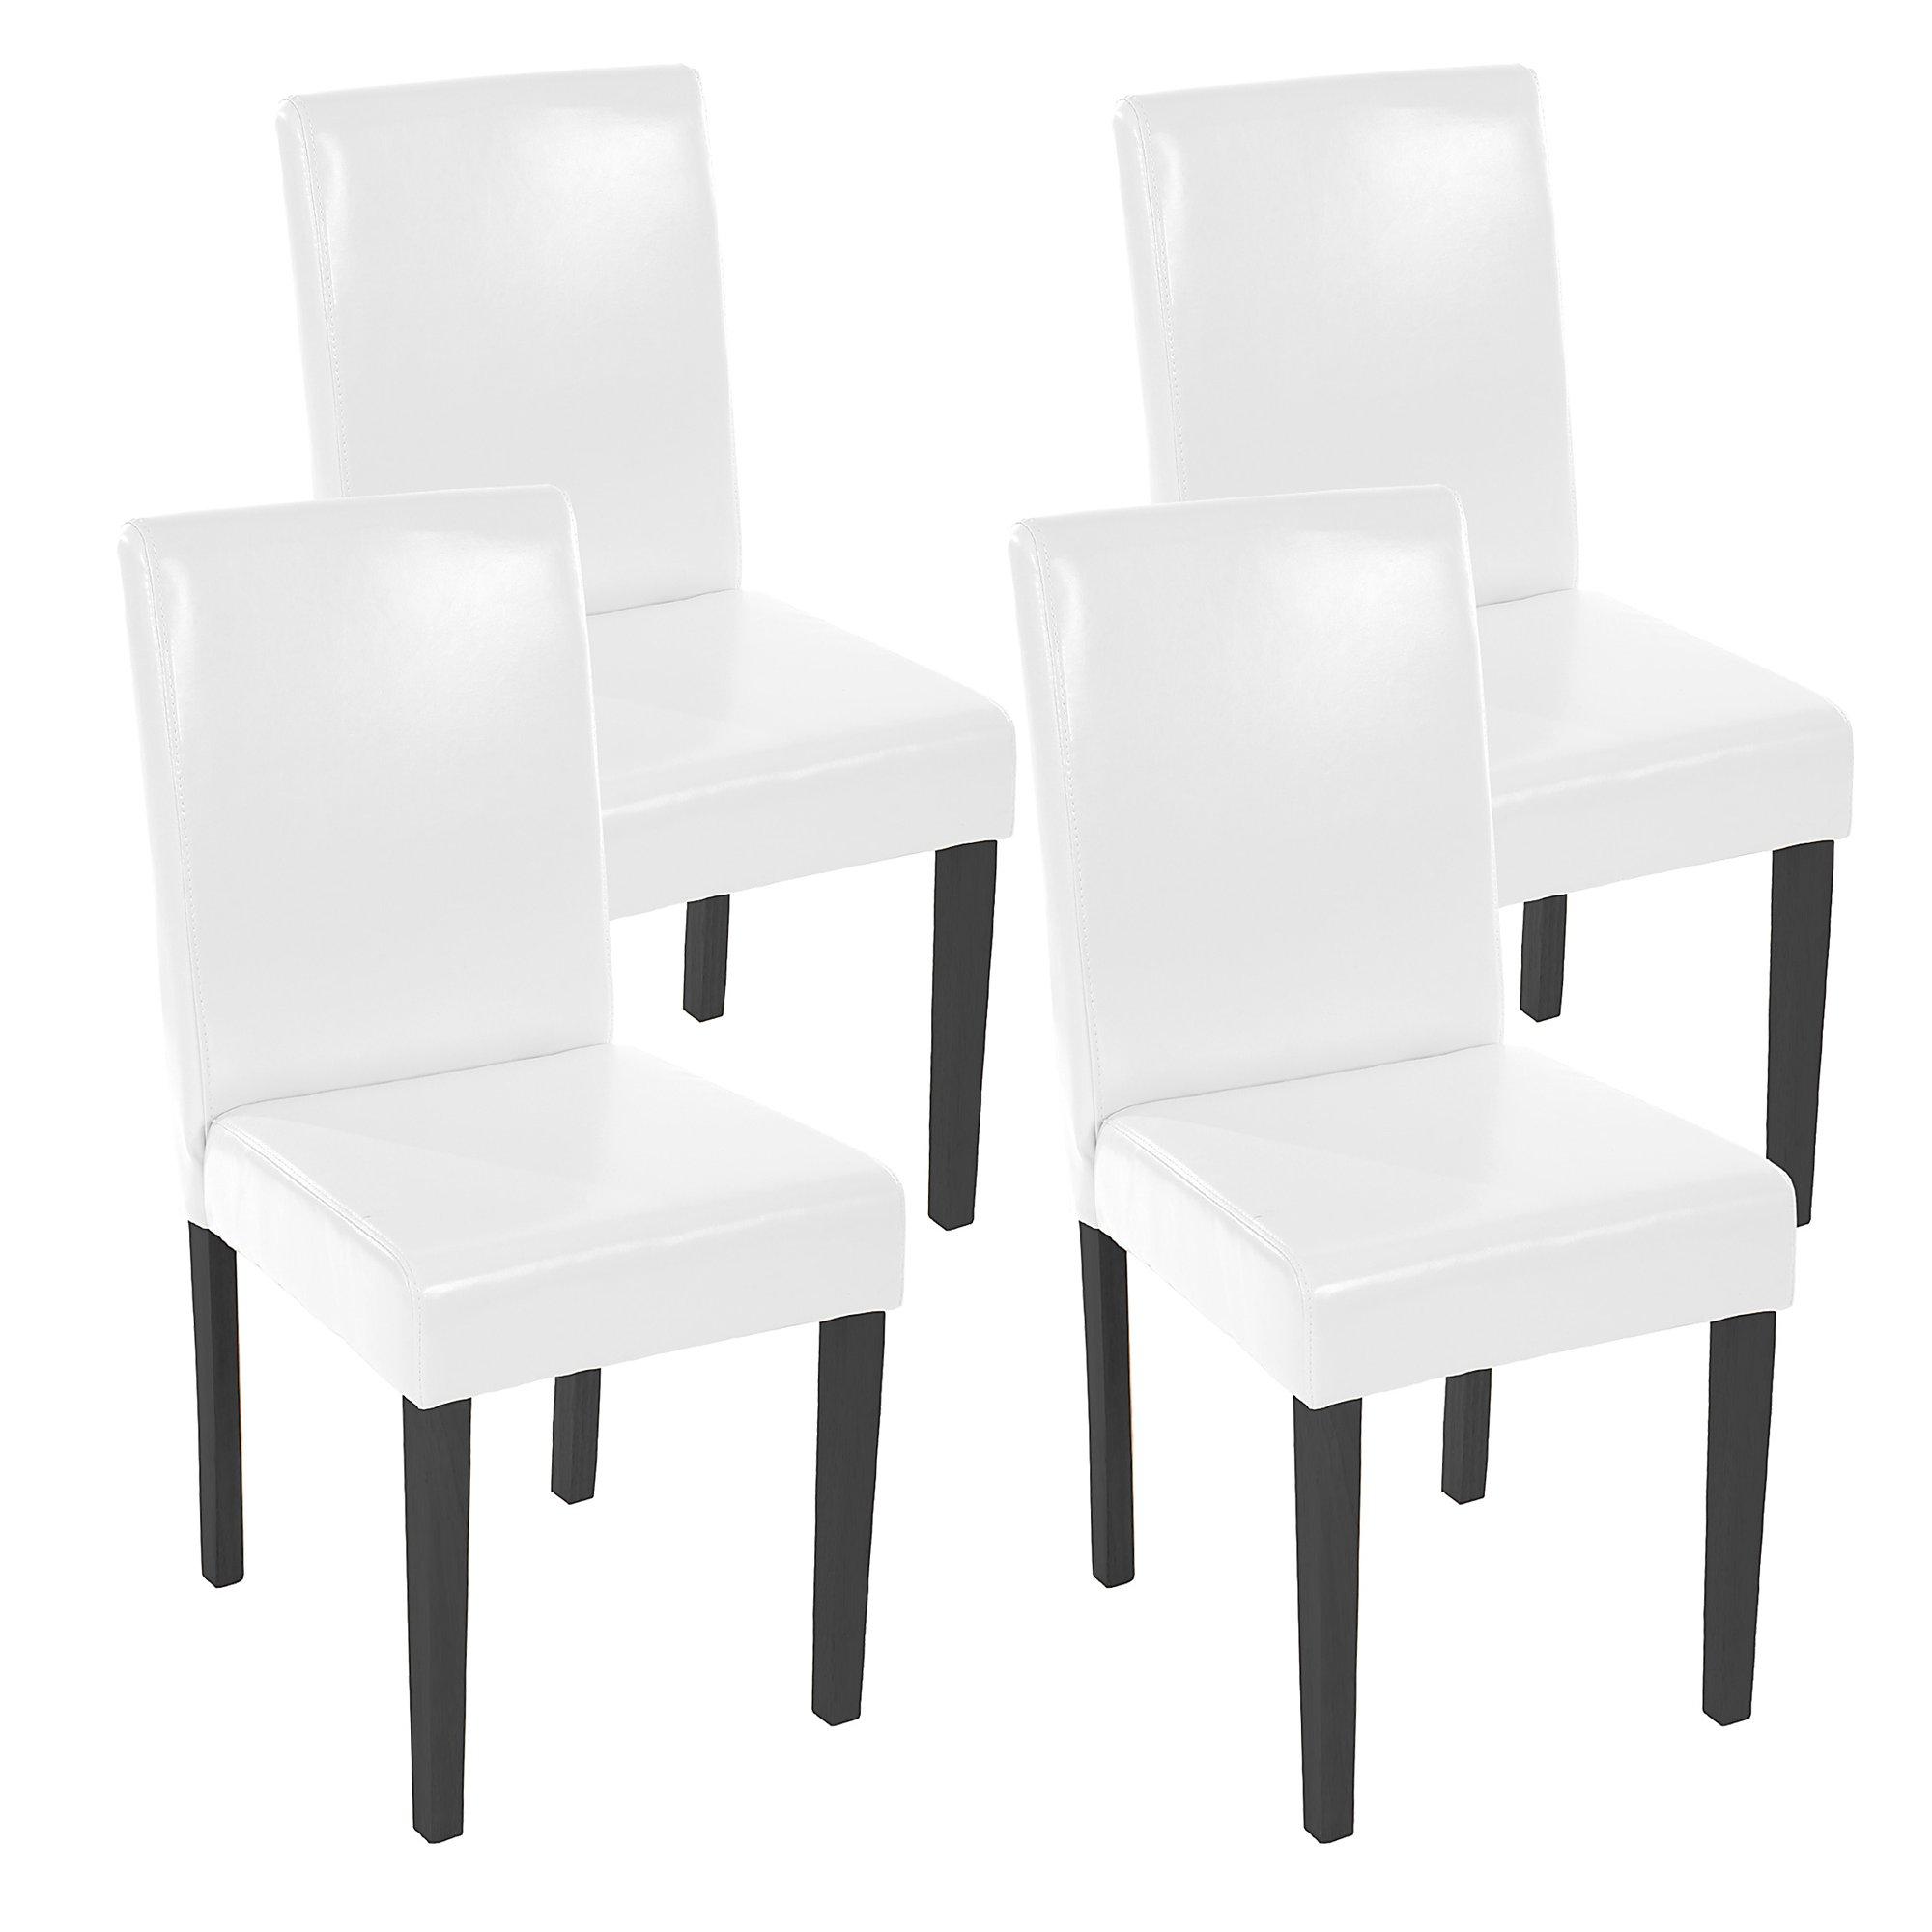 Demo lote 4 sillas de comedor litau precioso dise o for Sillas de piel blancas